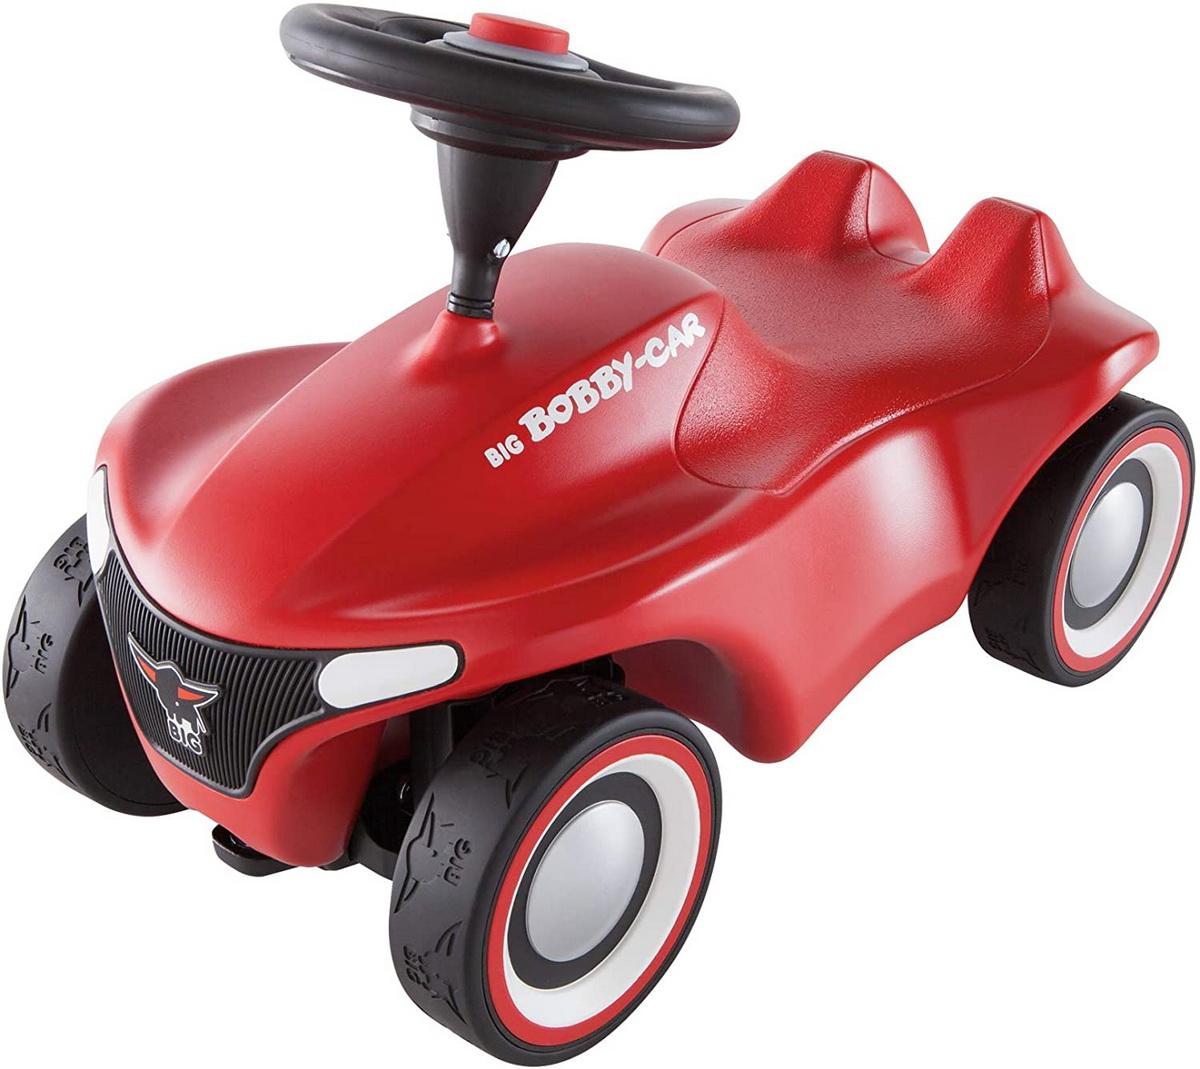 Big Bobbycar Premergator Neo Red